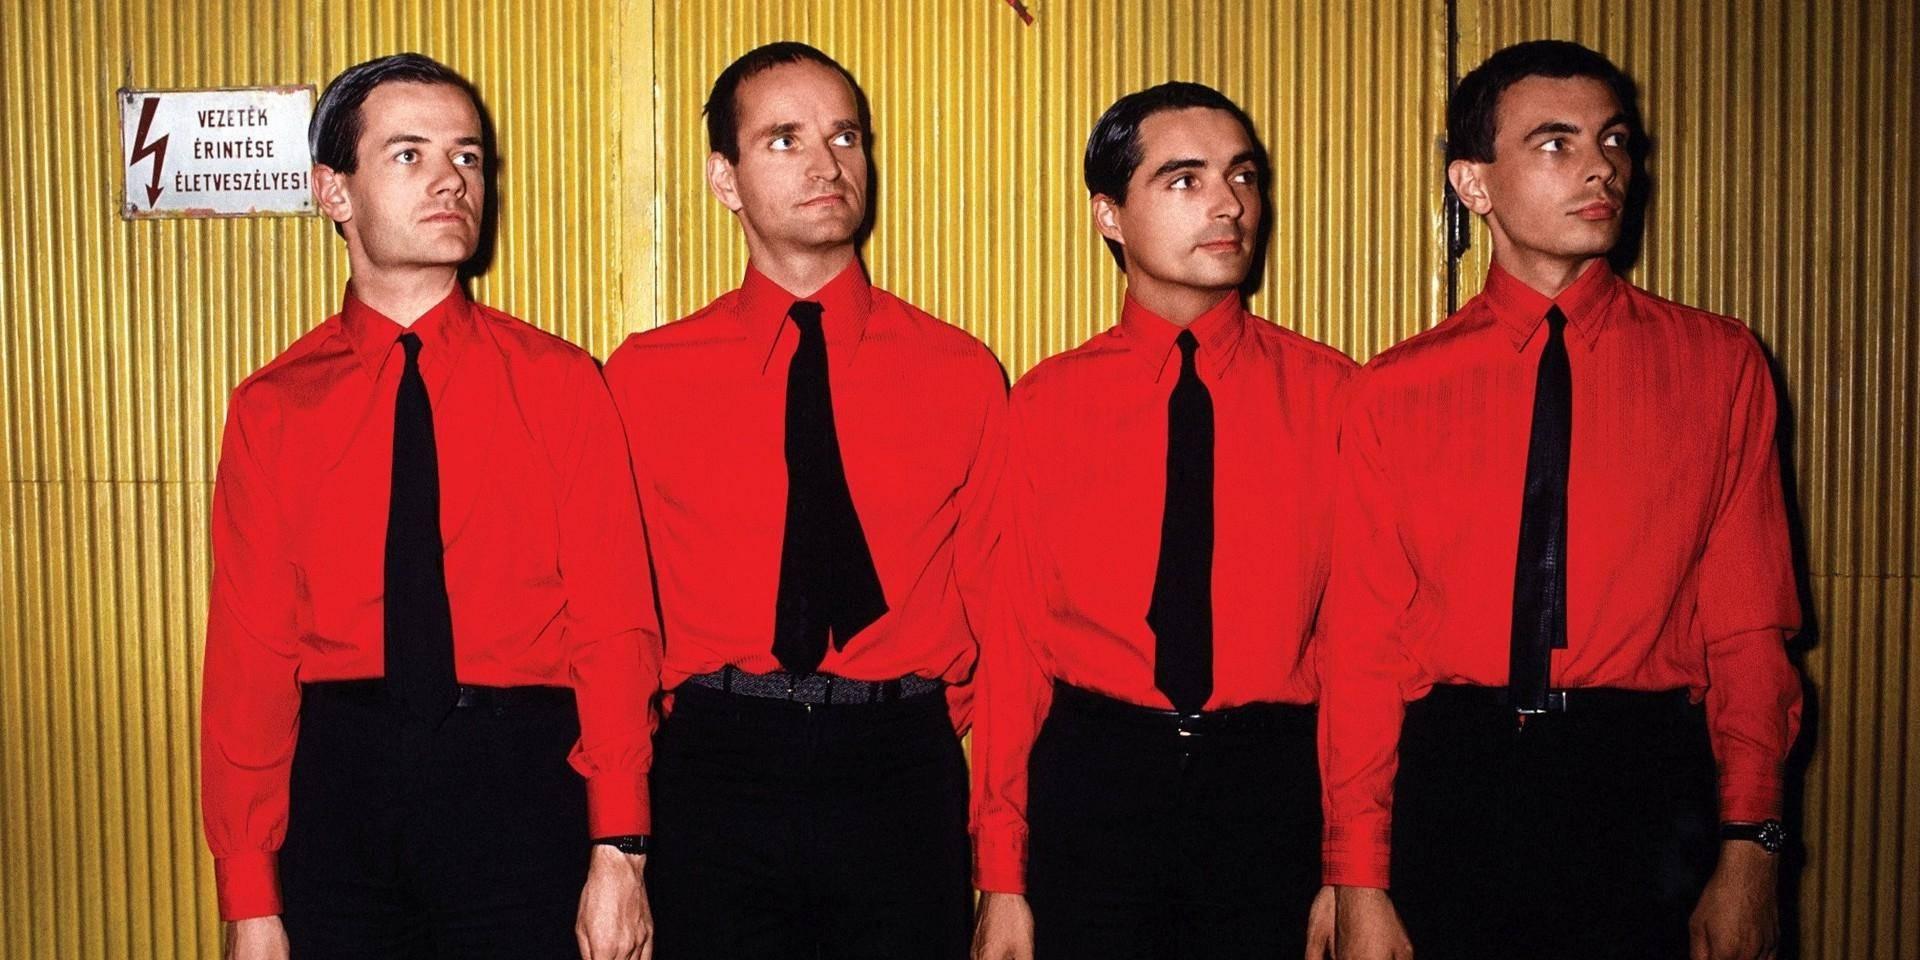 Florian Schneider, fundador de Kraftwerk, falleció a los 73 años